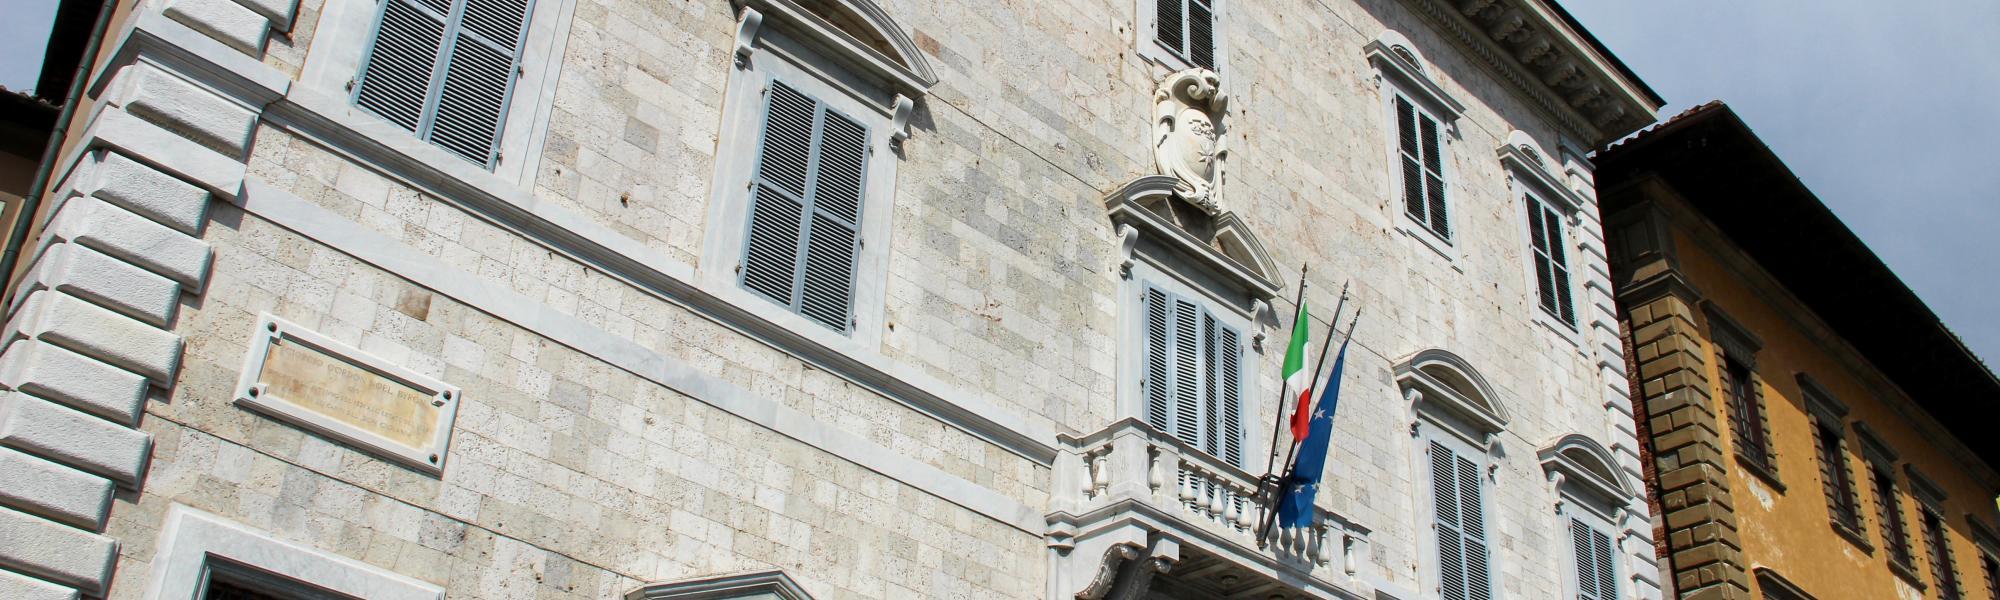 Domenica di Carta: visita all'Archivio di Stato di Pisa